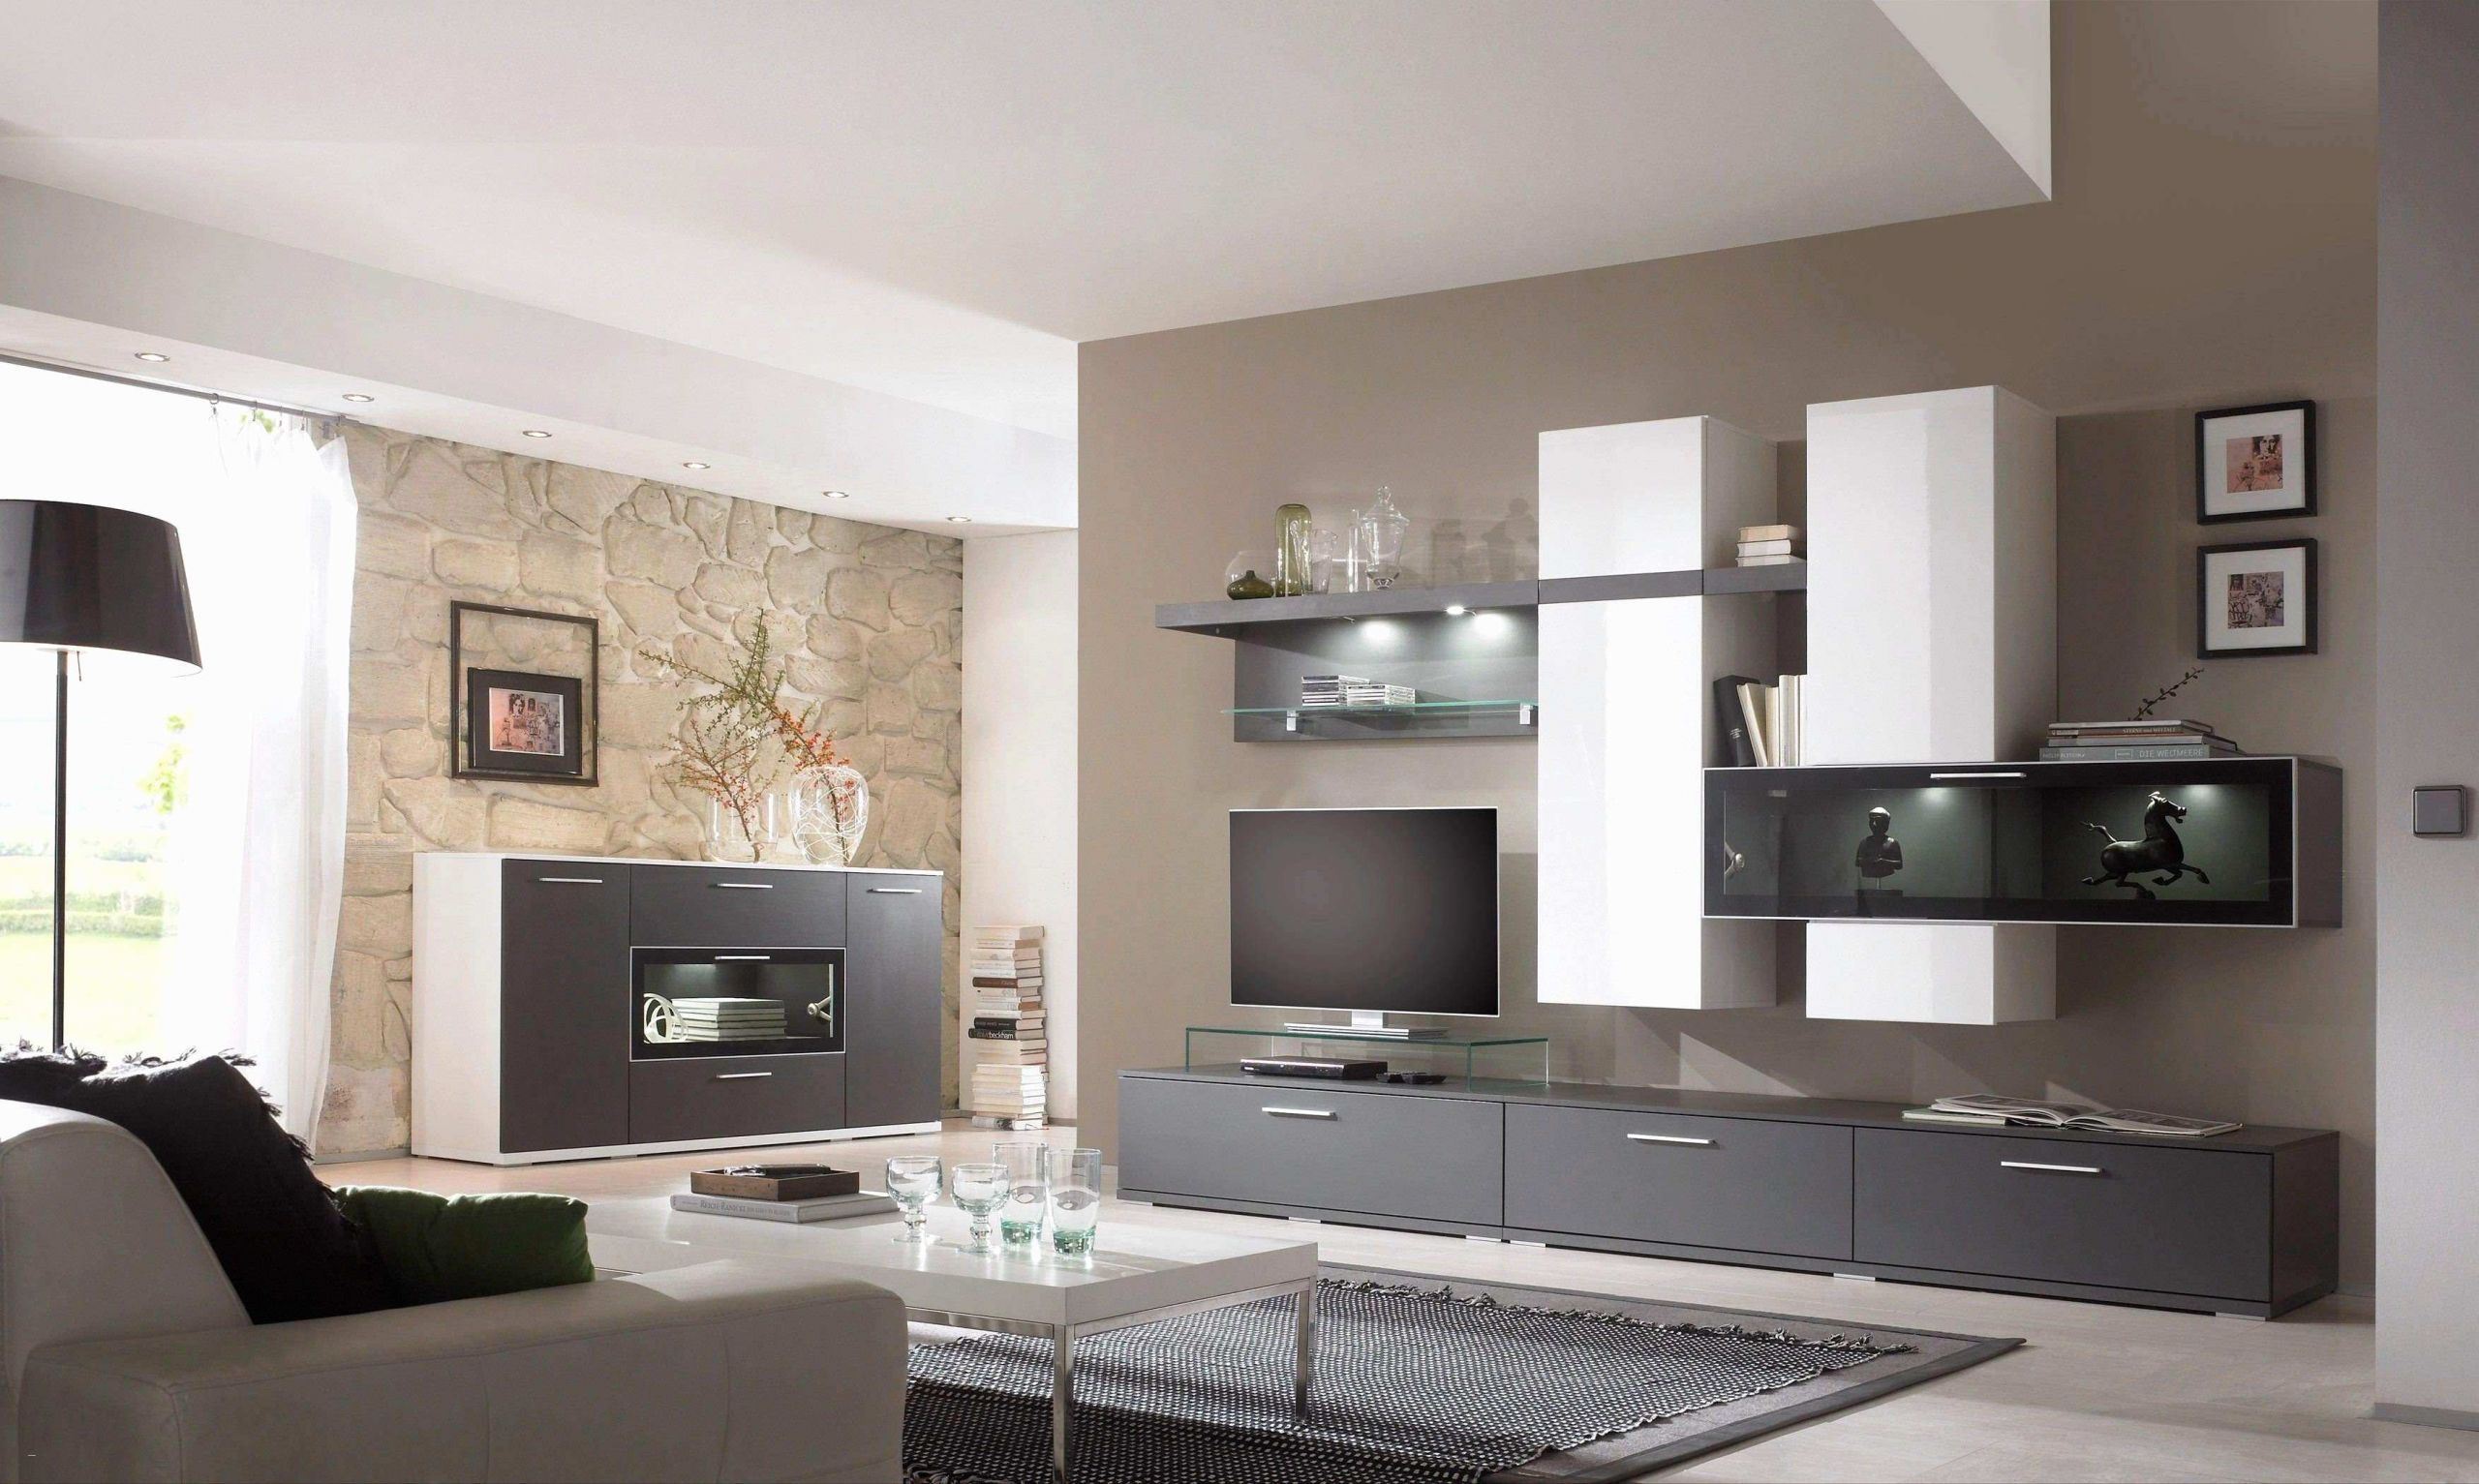 farbe einfamilienhaus turkis wand streichen ideen wohnzimmer schn uberall wande kuche farbe einfamilienhaus turkis wand streichen ideen wohnzimmer schon kuche grosartig of